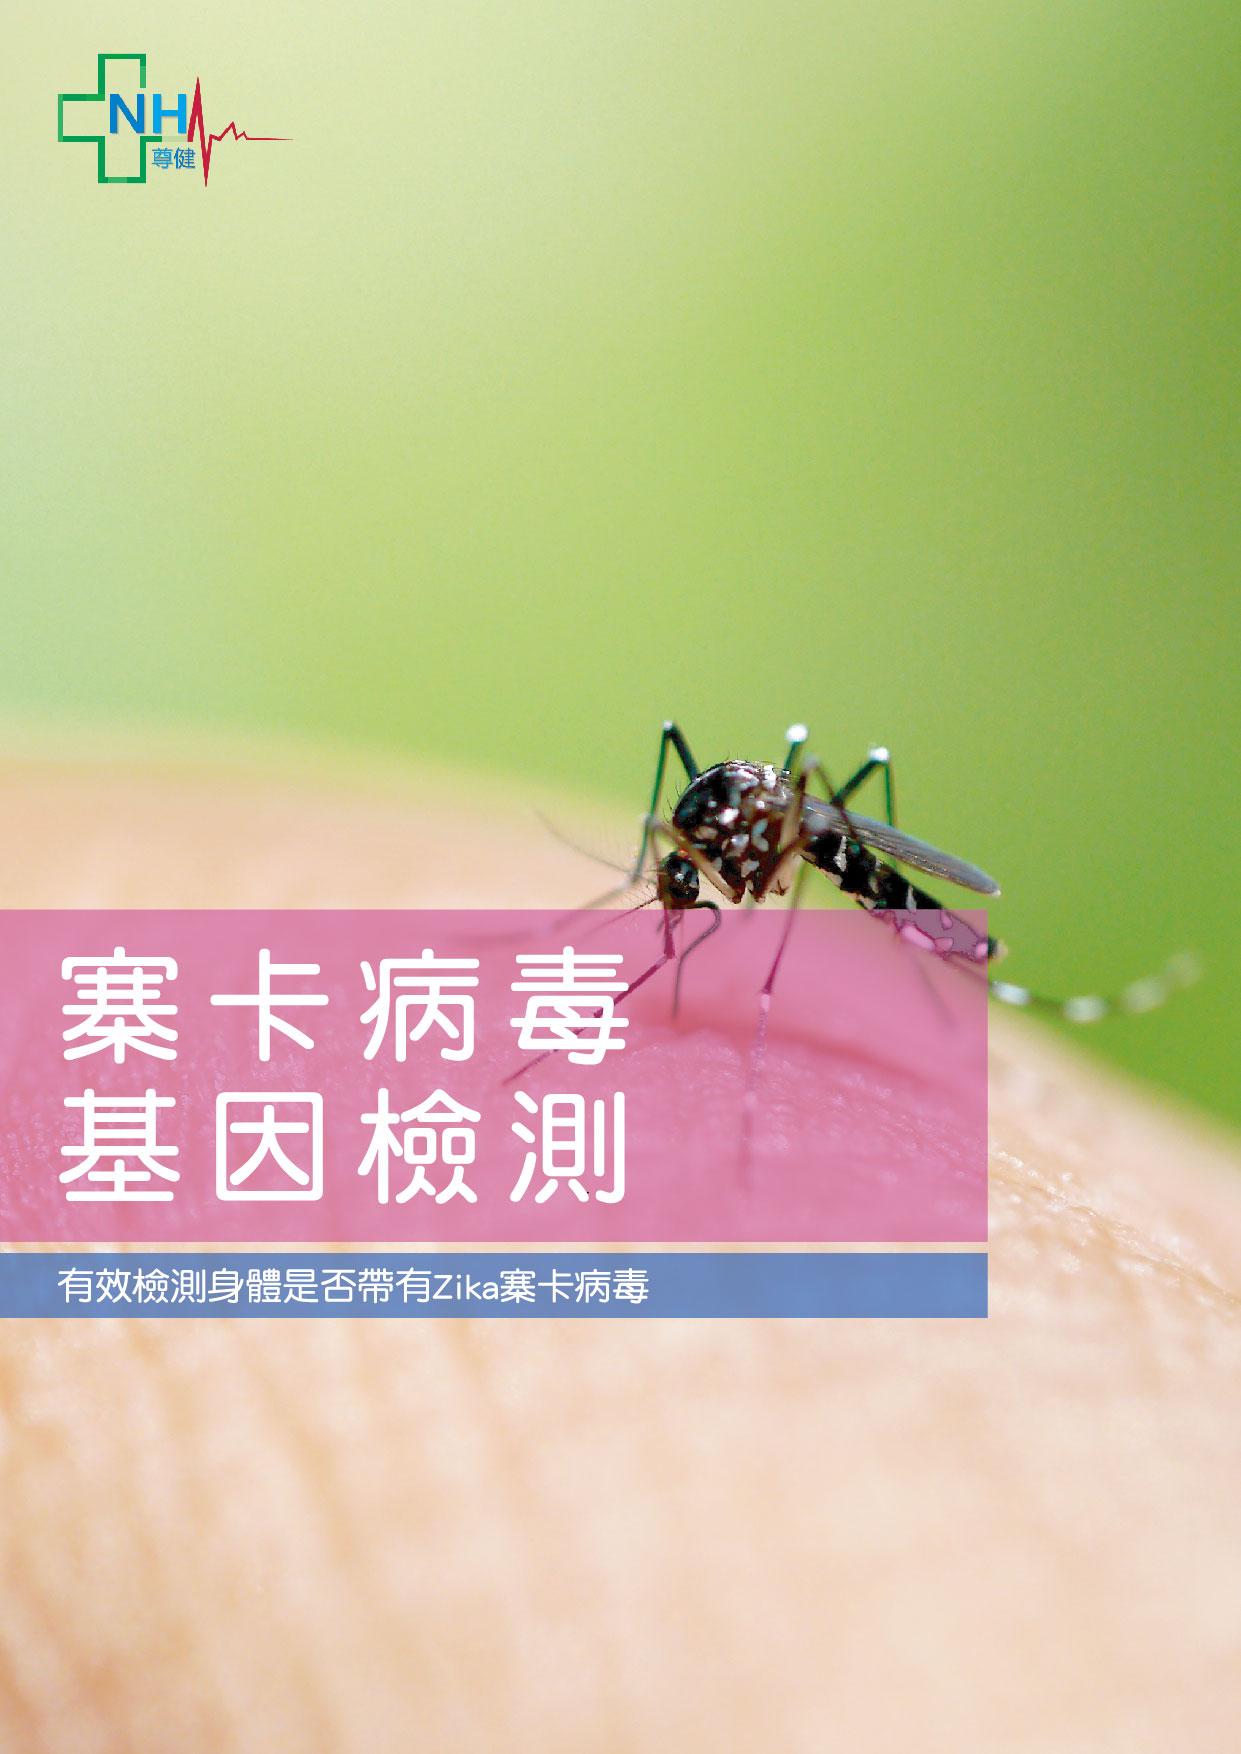 zika-virus-dna-test-1-resize-1.jpg